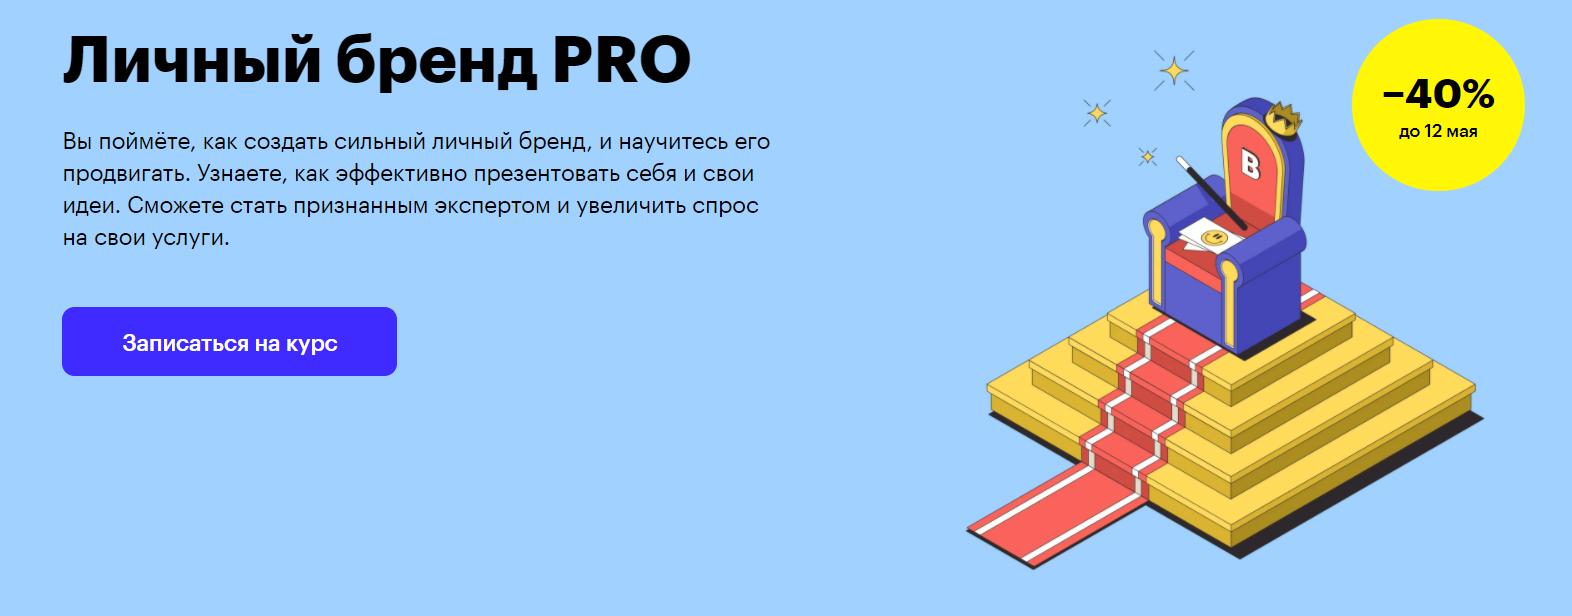 Отзывы о курсе - Личный бренд PRO от Skillbox - авторы: Эльвира Галимова, Елена Гапоненко и др